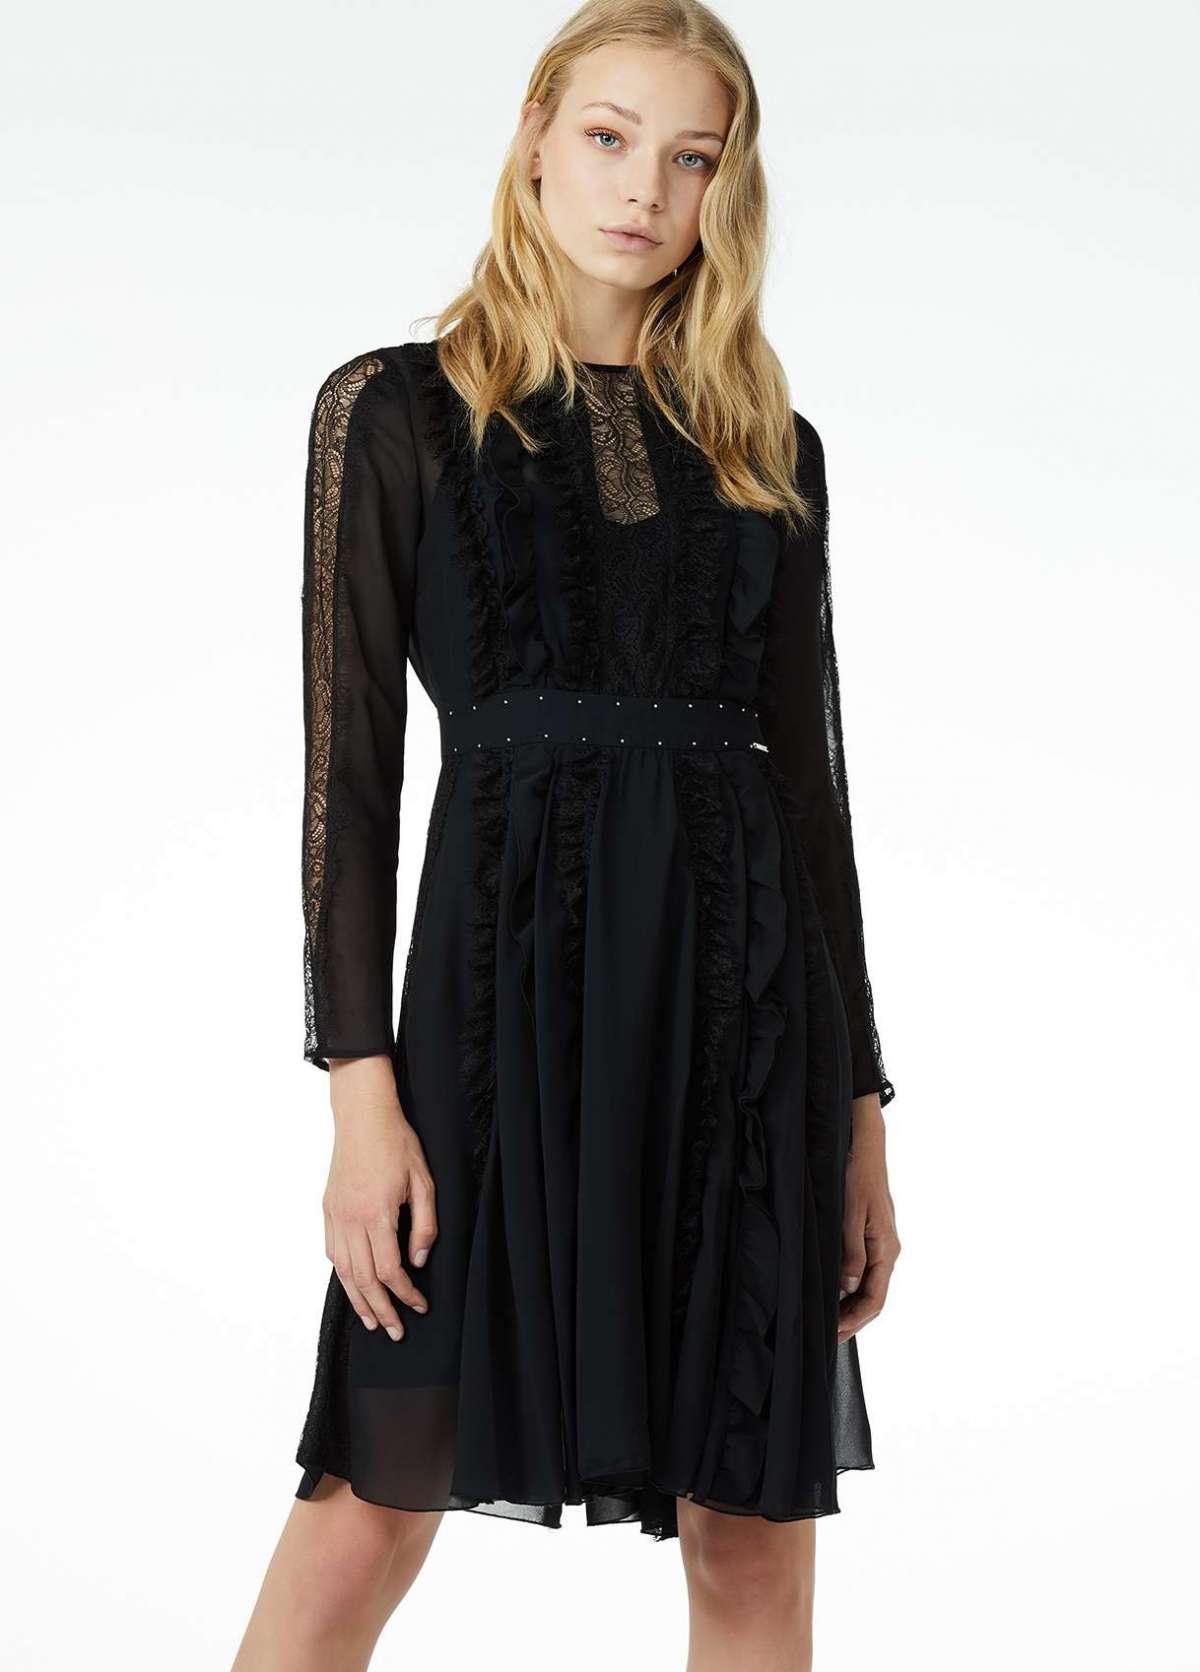 Vestito corto nero in pizzo Liu Jo a 239 euro